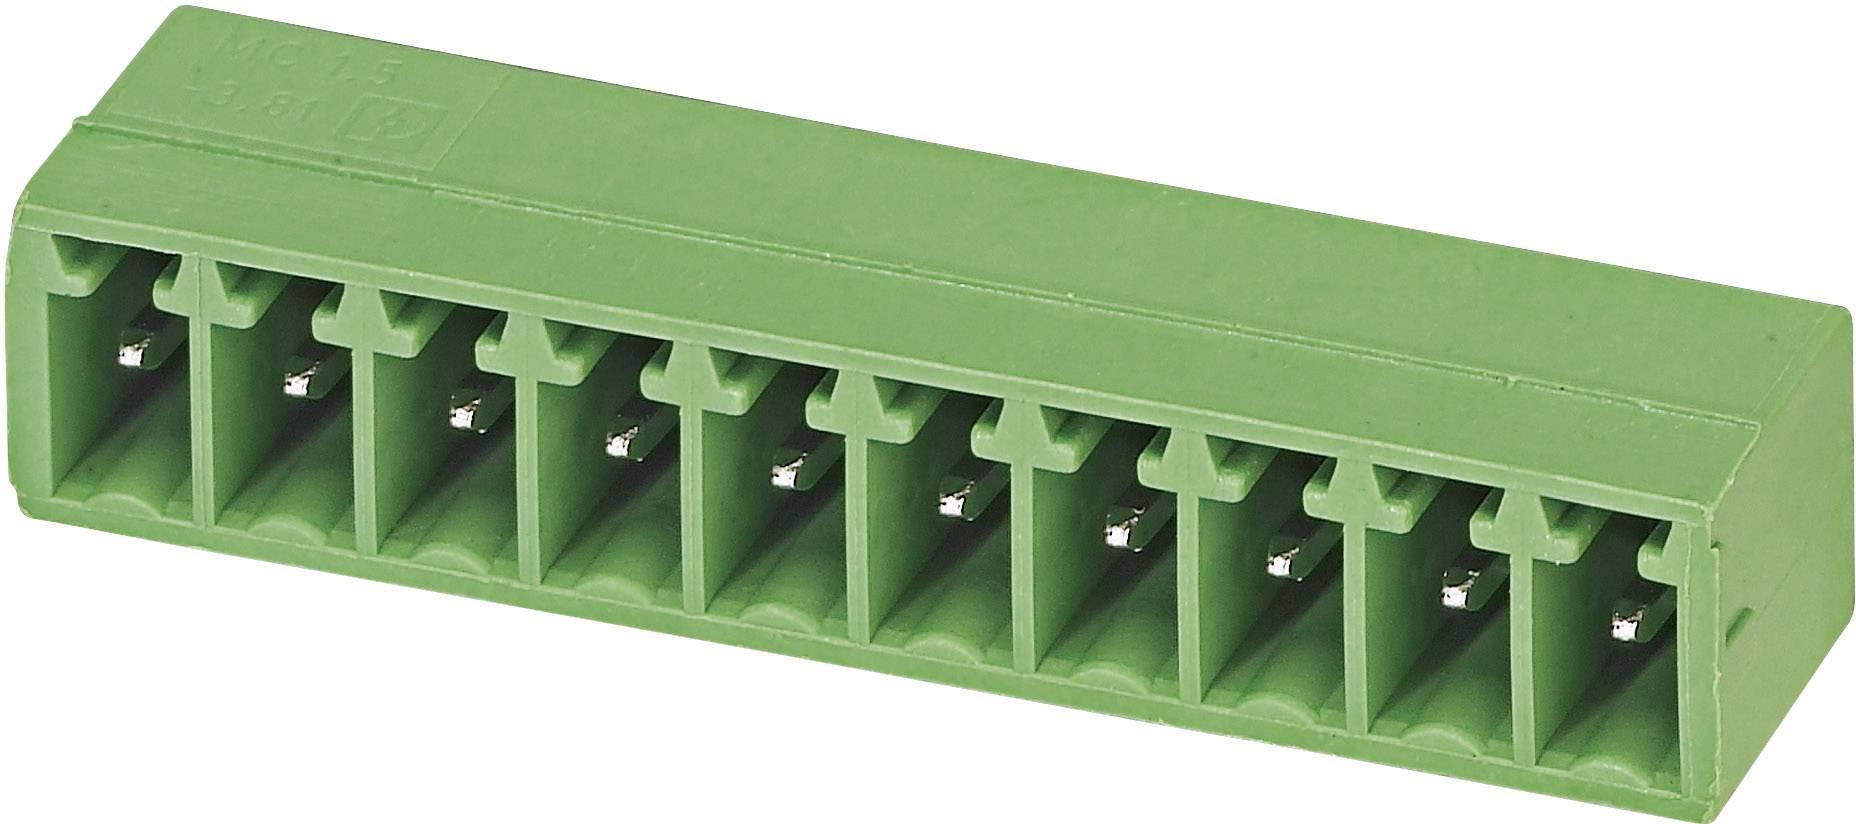 Svorkovnice 1řadá do DPS Phoenix Contact MC 1,5/ 5-G-3,81 (1803303), 5pól., zelená